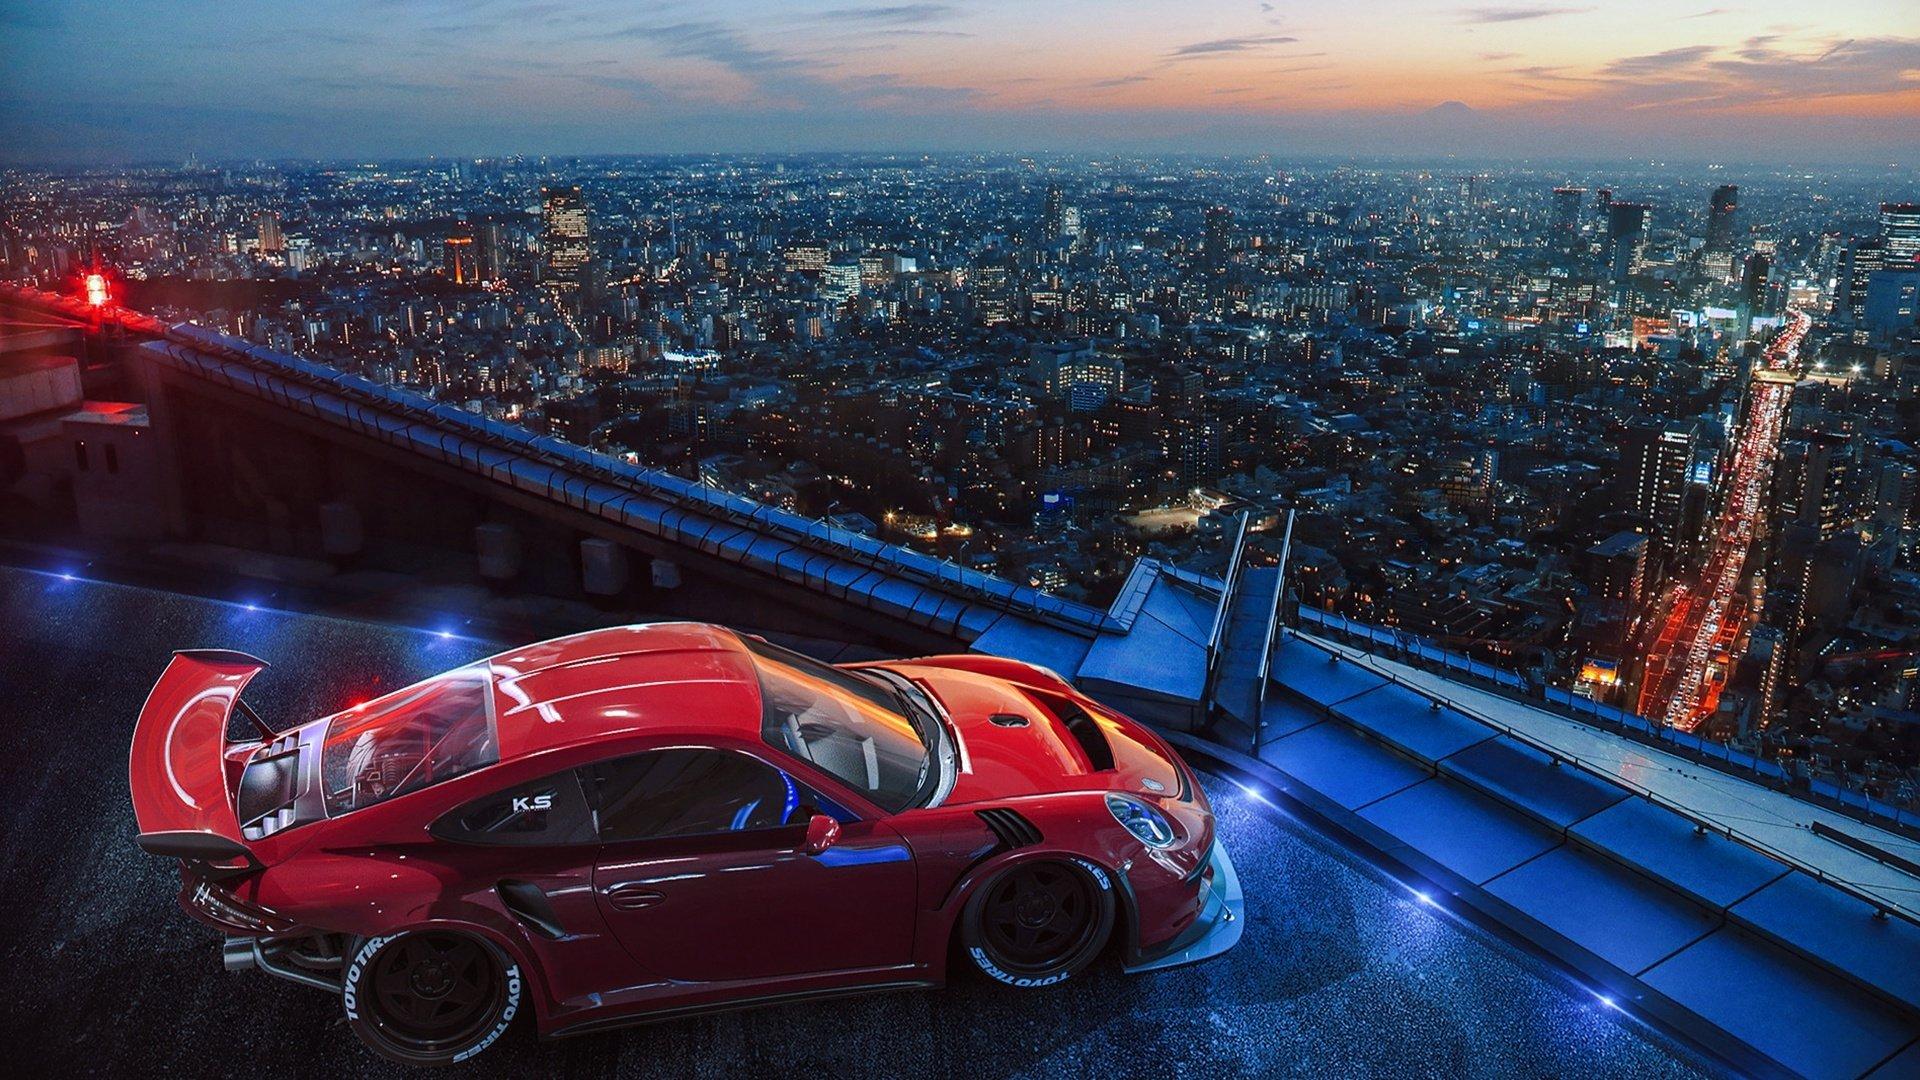 Porsche 911 Gt3 Hd Wallpaper Background Image 1920x1080 Id 900693 Wallpaper Abyss